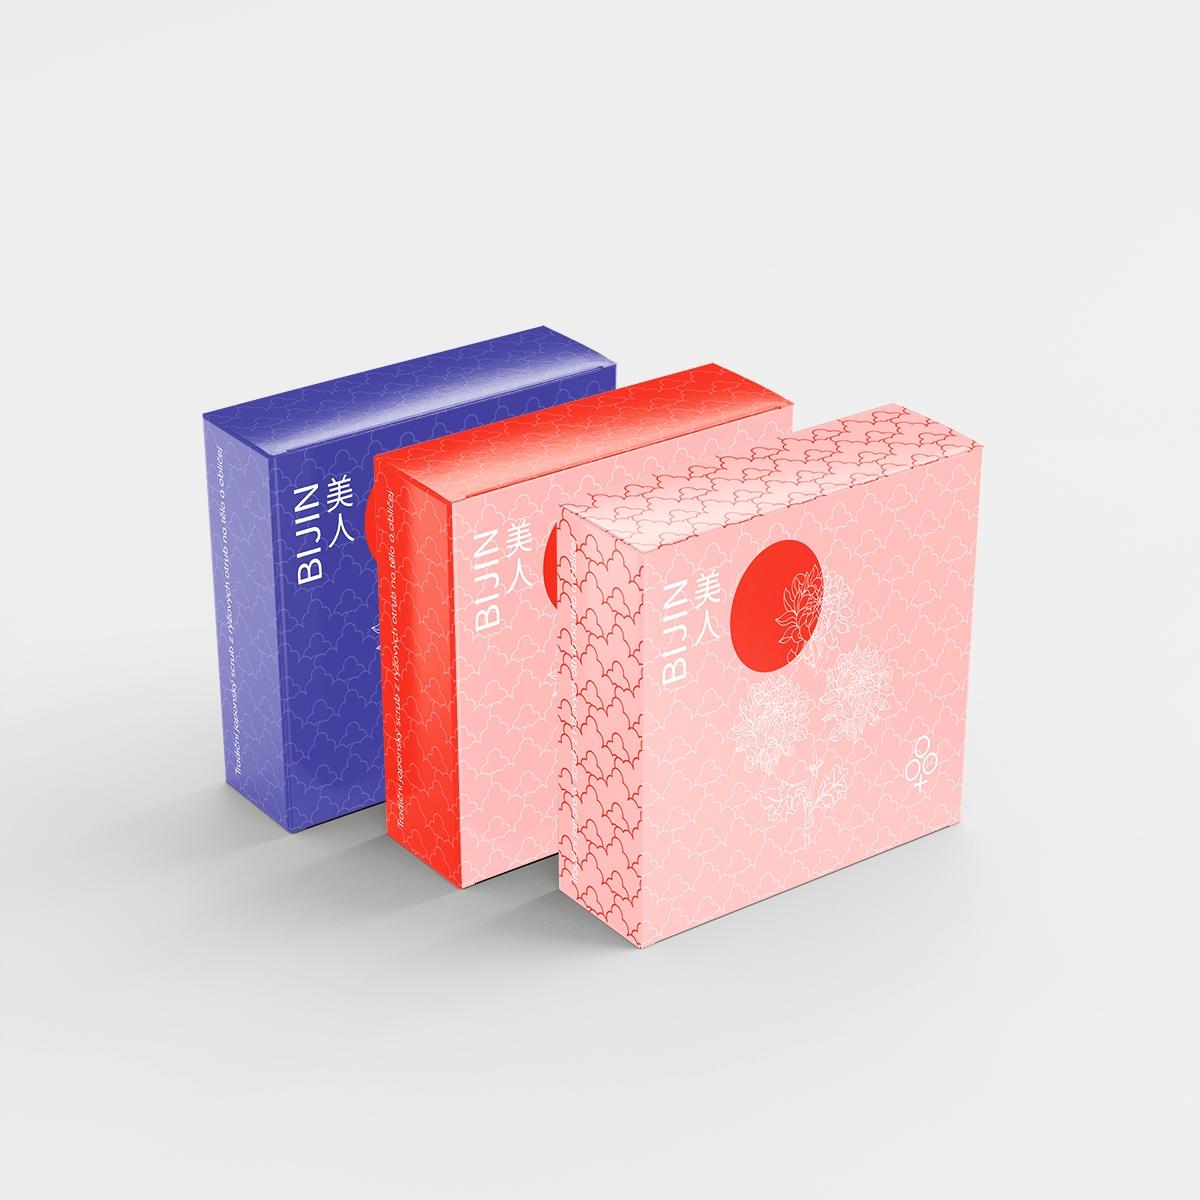 návrh značky a obalu pro fiktivního výrobce japonských mýdel<br> semestrální práce | 2. ročník<br> 2020/21 G2A 01